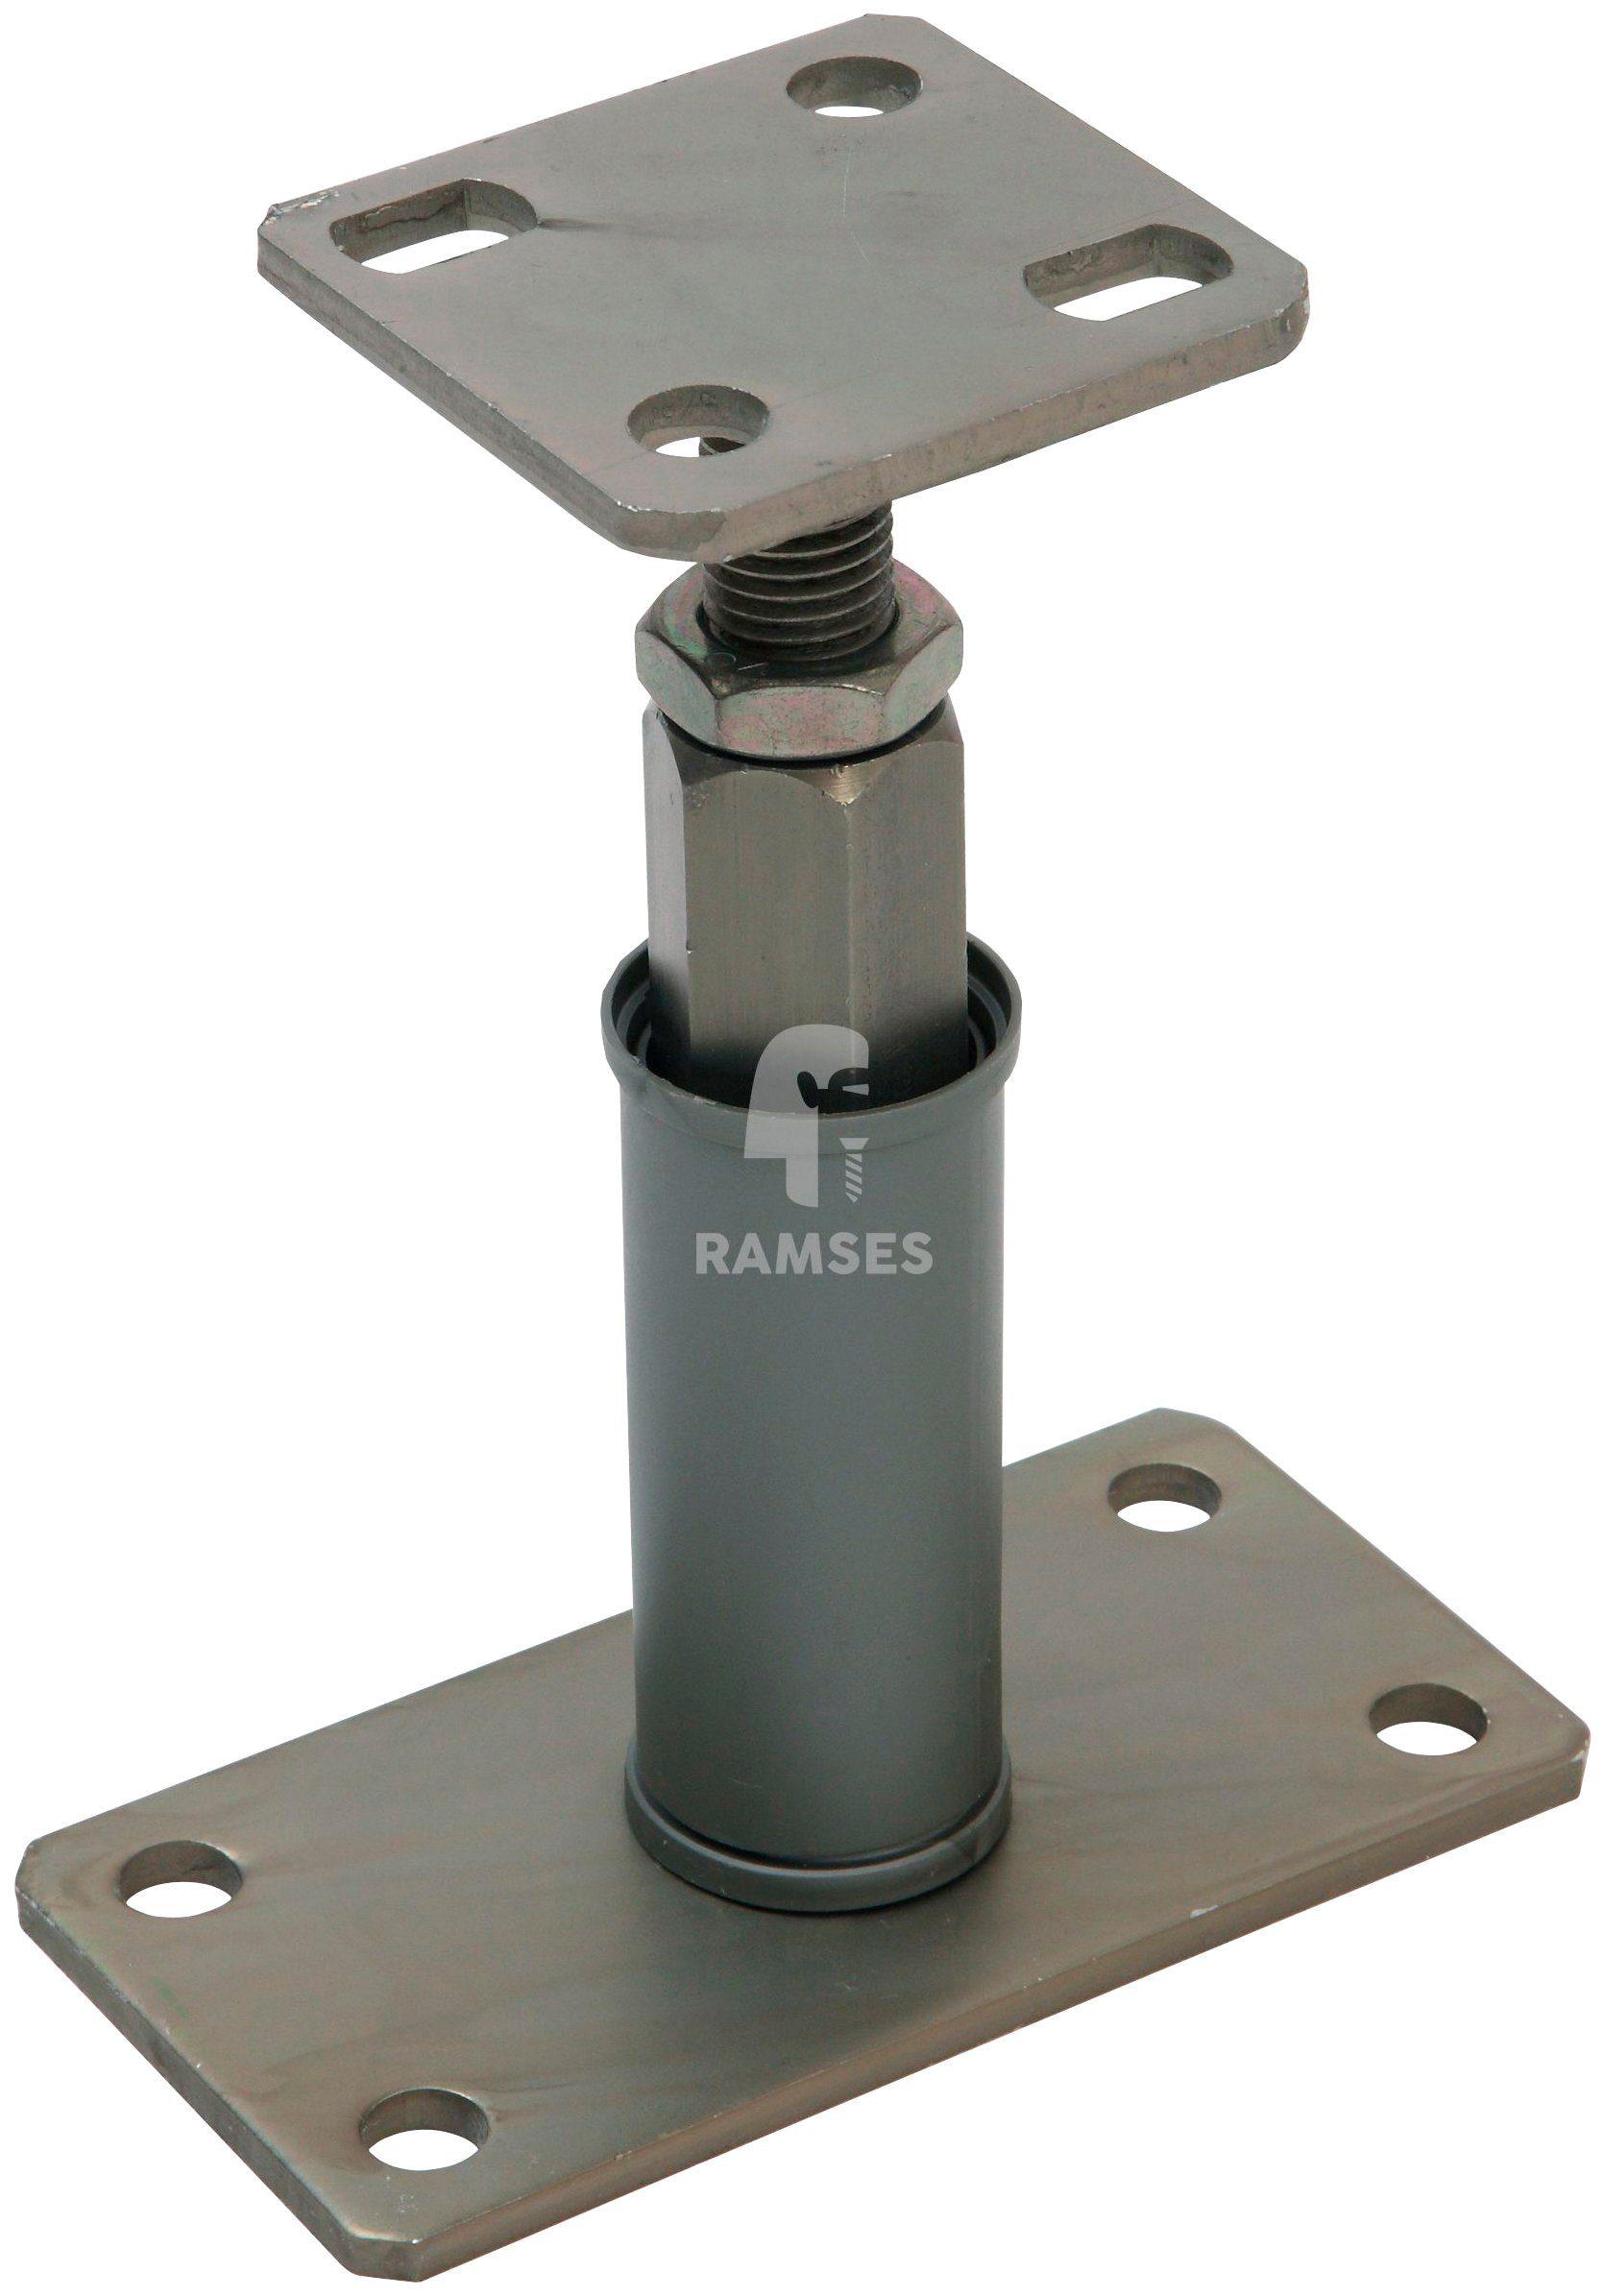 RAMSES Pfostenträger , Edelstahloptik höhenverstellbar 80x80x135-200 mm